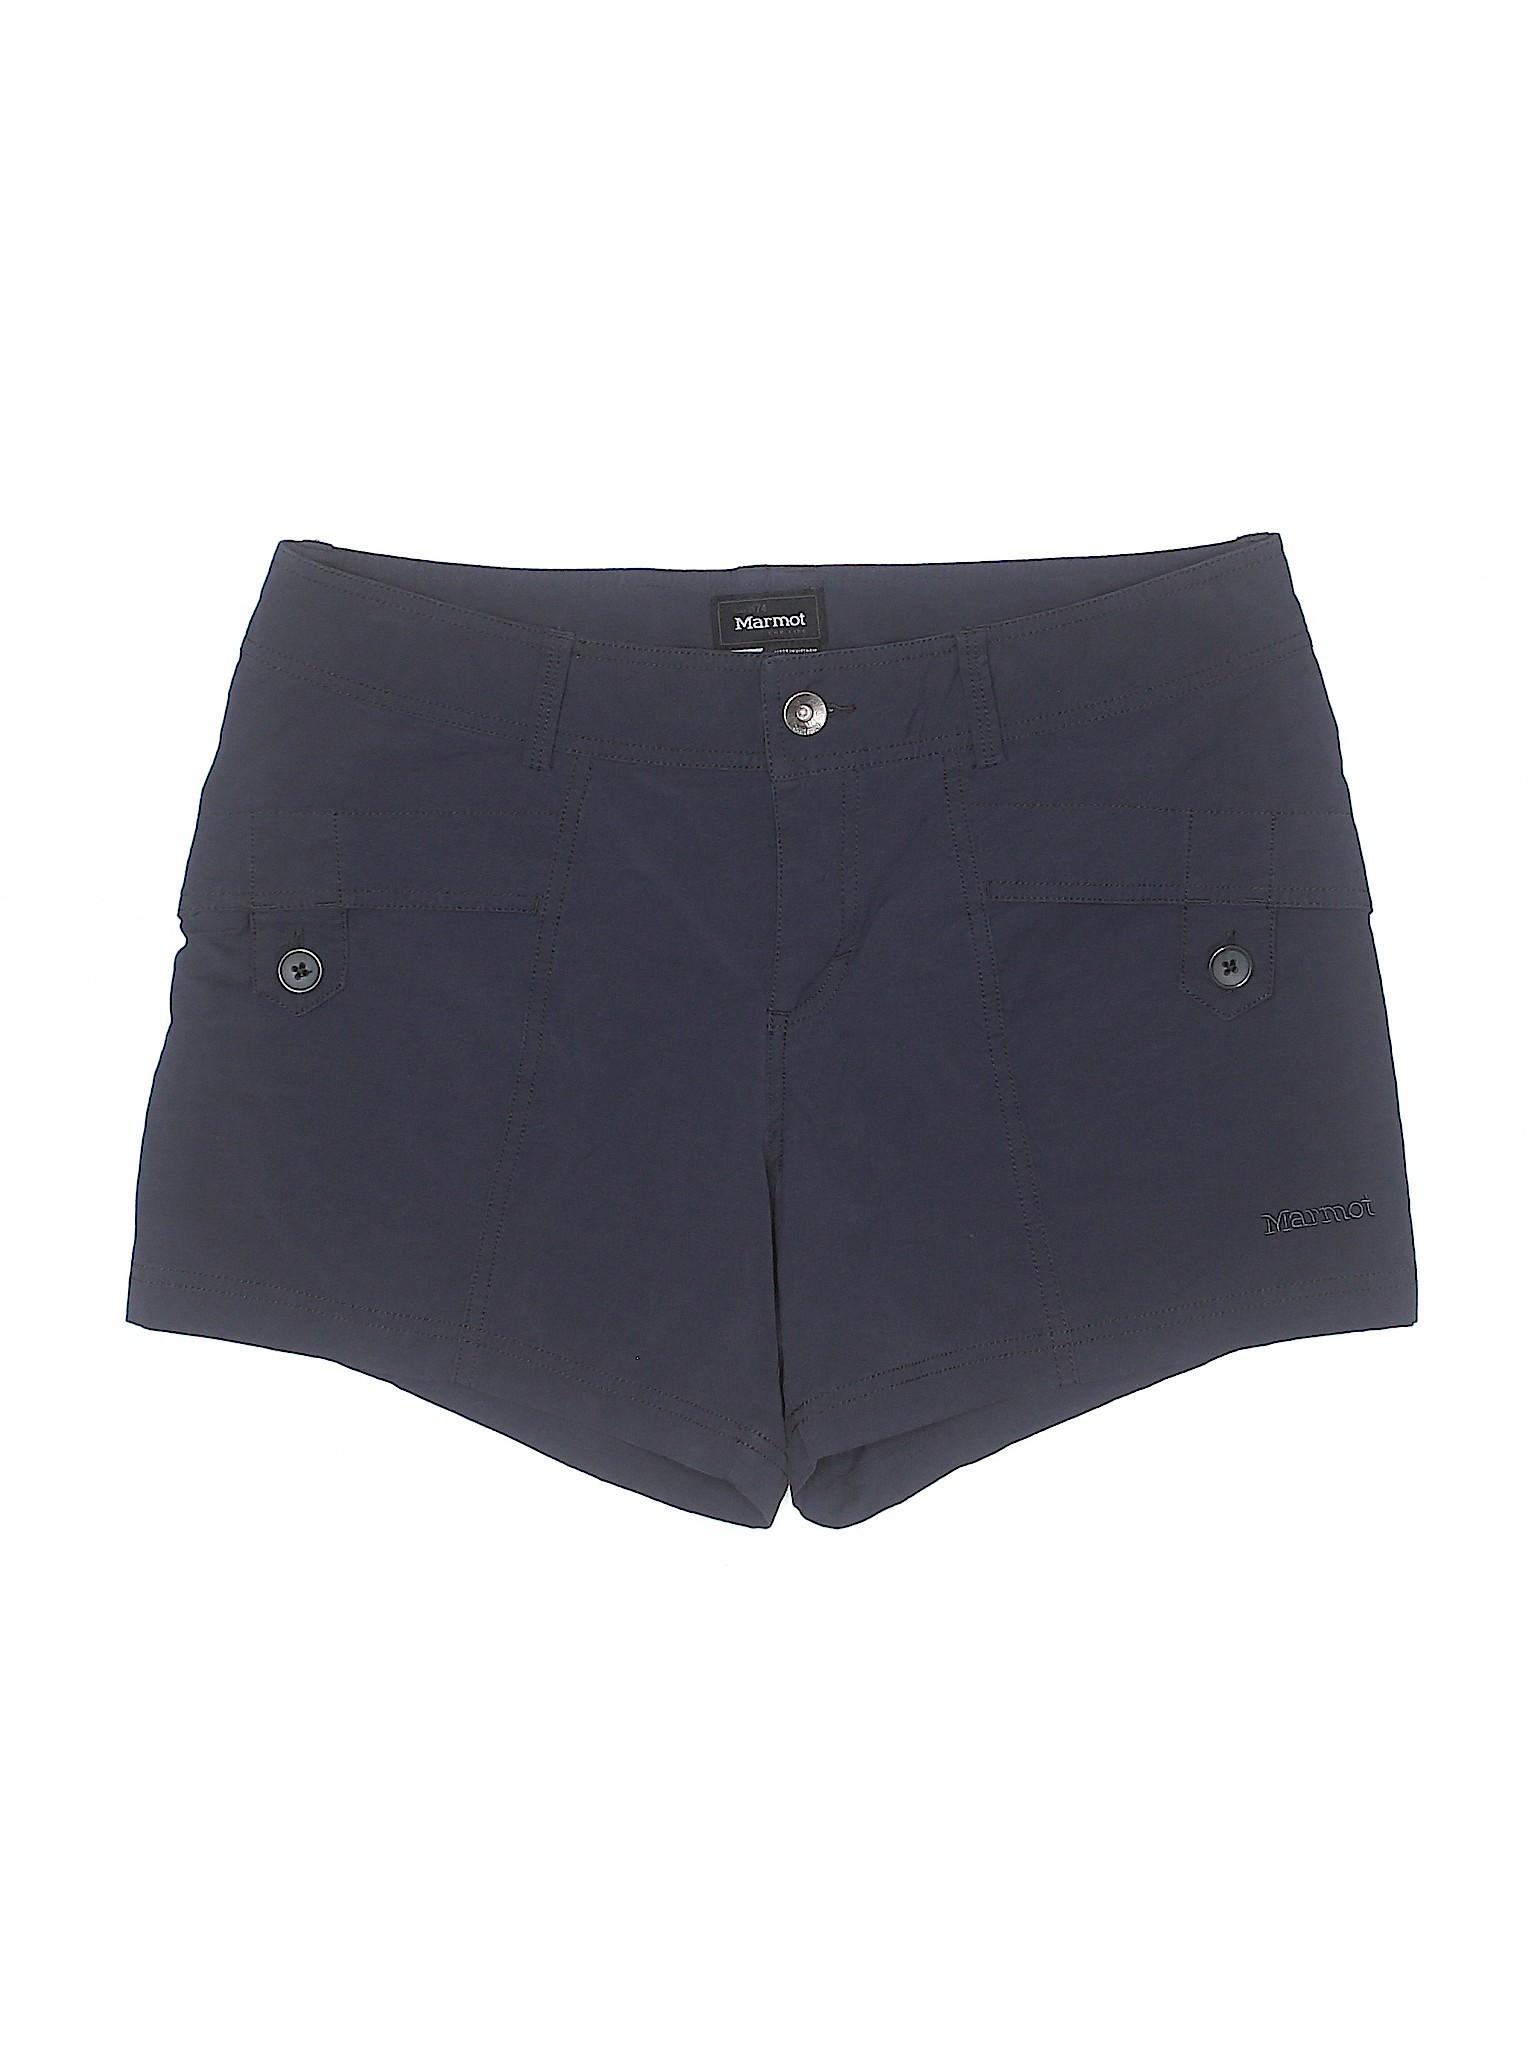 Shorts Boutique Marmot Marmot Boutique Shorts Boutique Shorts Boutique Marmot R4wqXcg